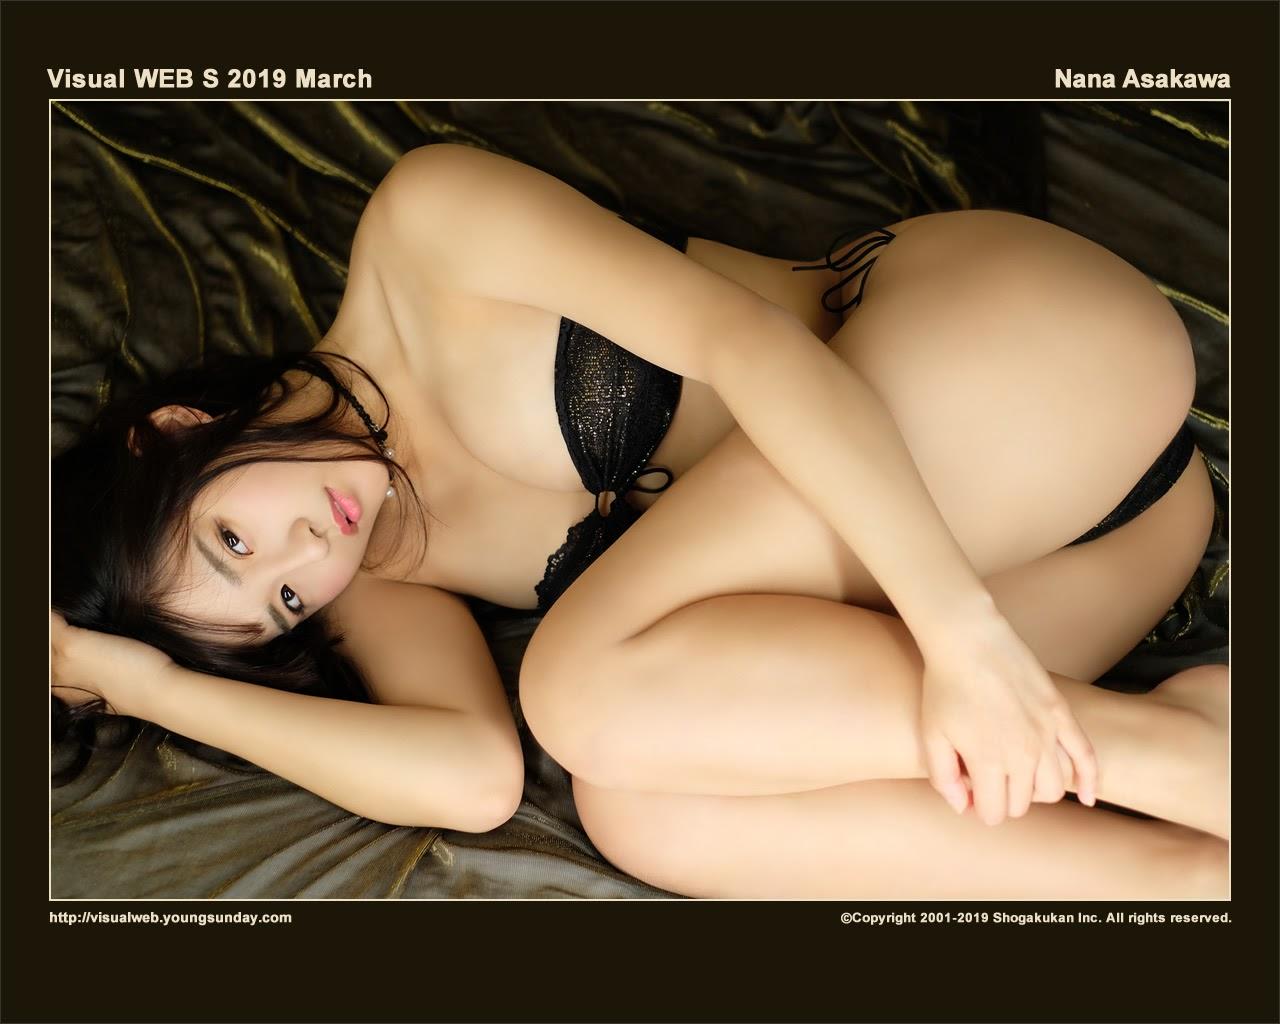 NANA ASAKAWA839103